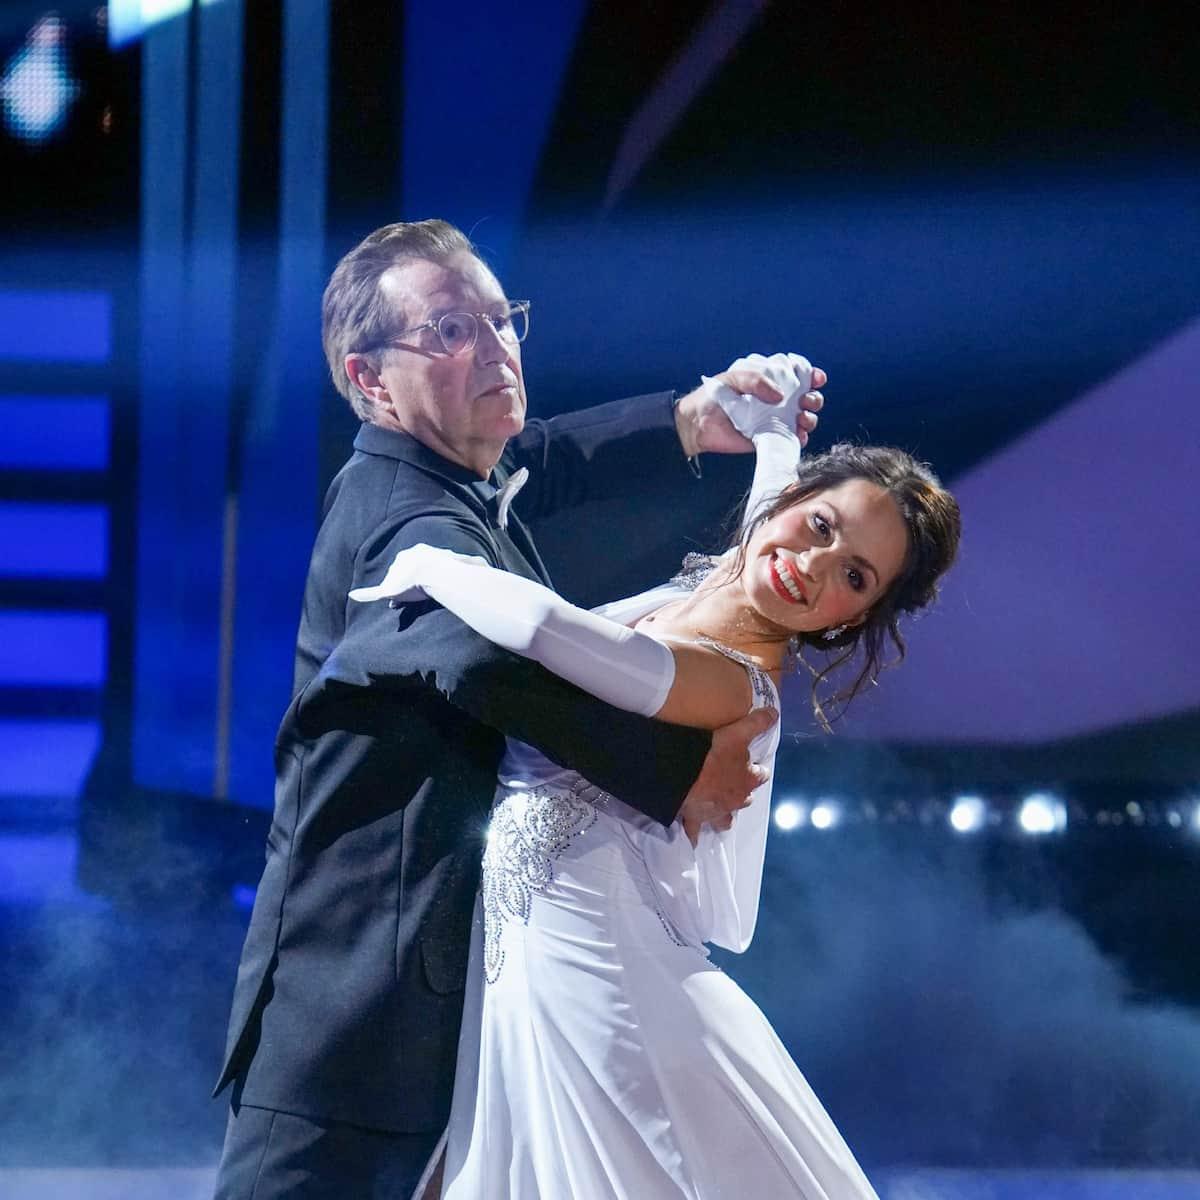 Jan Hofer und Christina Luft ausgeschieden bei Let's dance am 23.4.2021